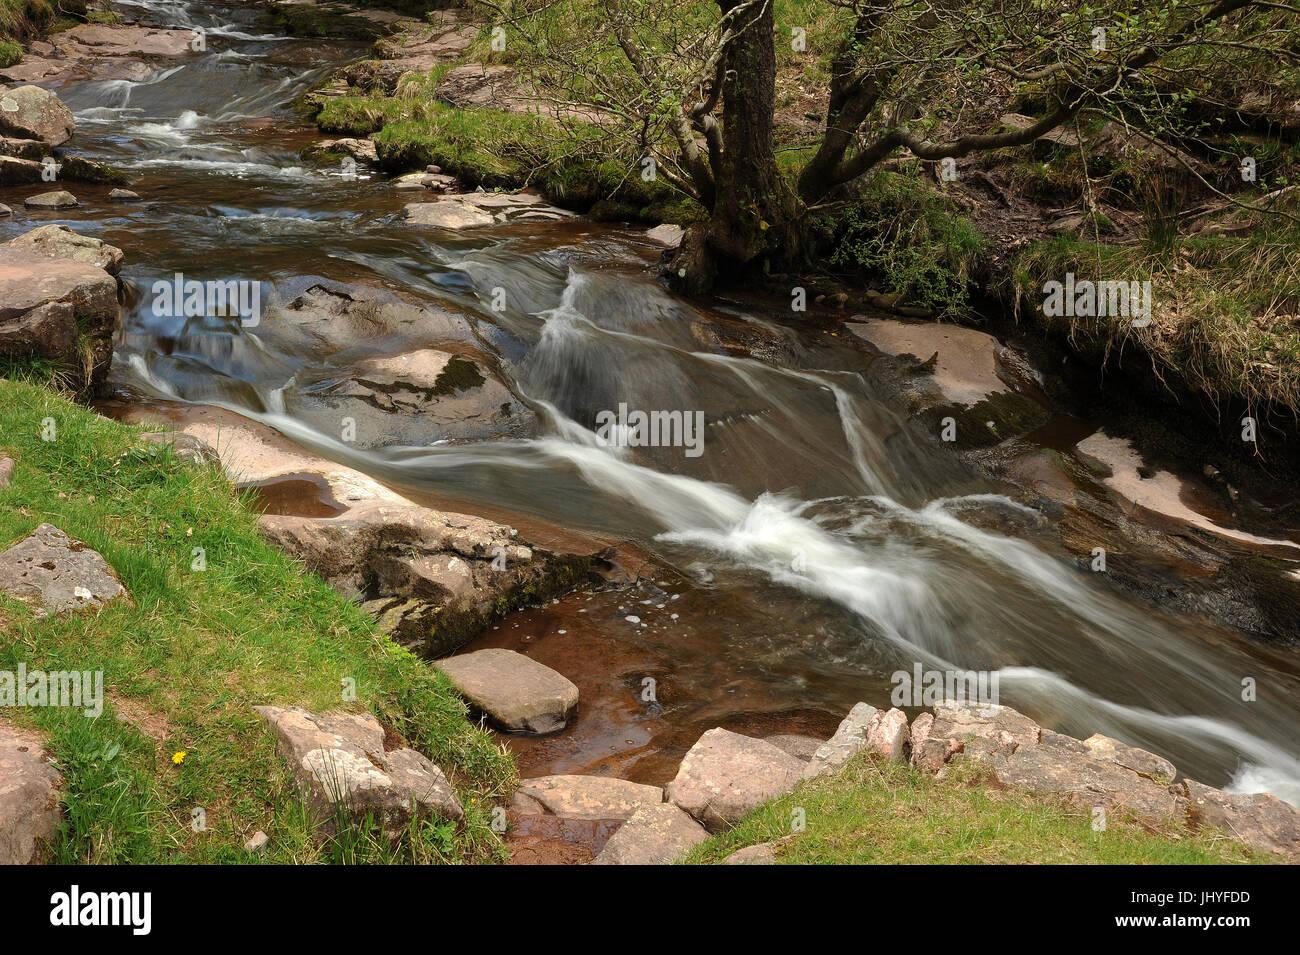 Afon Caerfanell, near Talybont, Brecon Beacons. - Stock Image